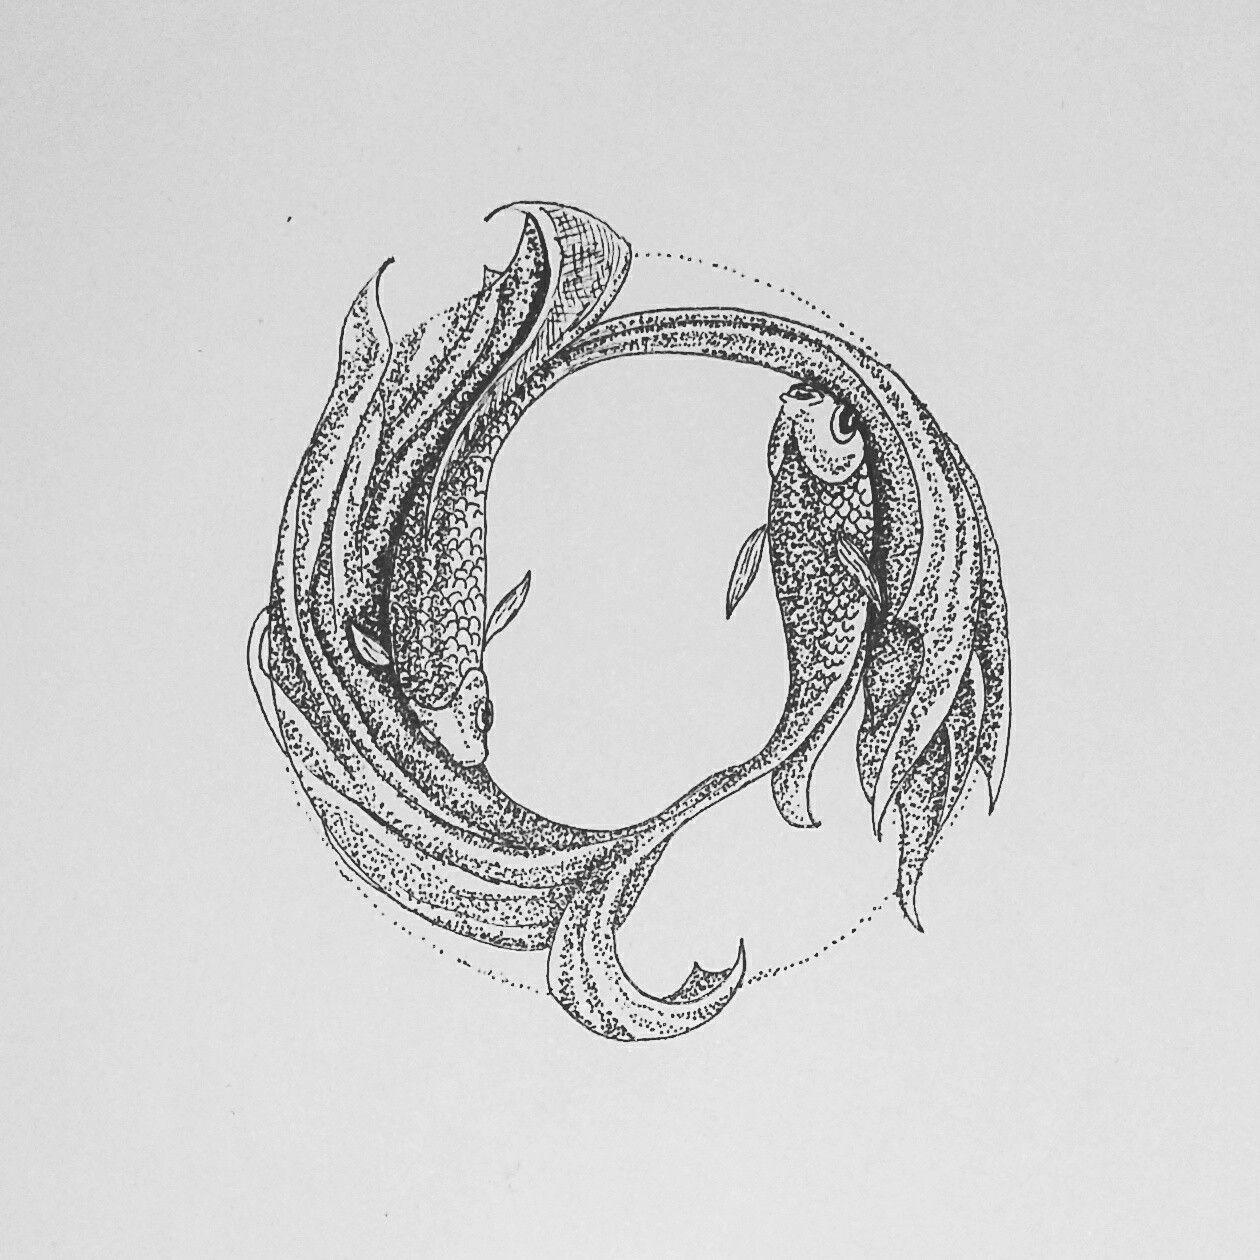 guppy fish #guppy #fish #practice #pointillism #dotwork #